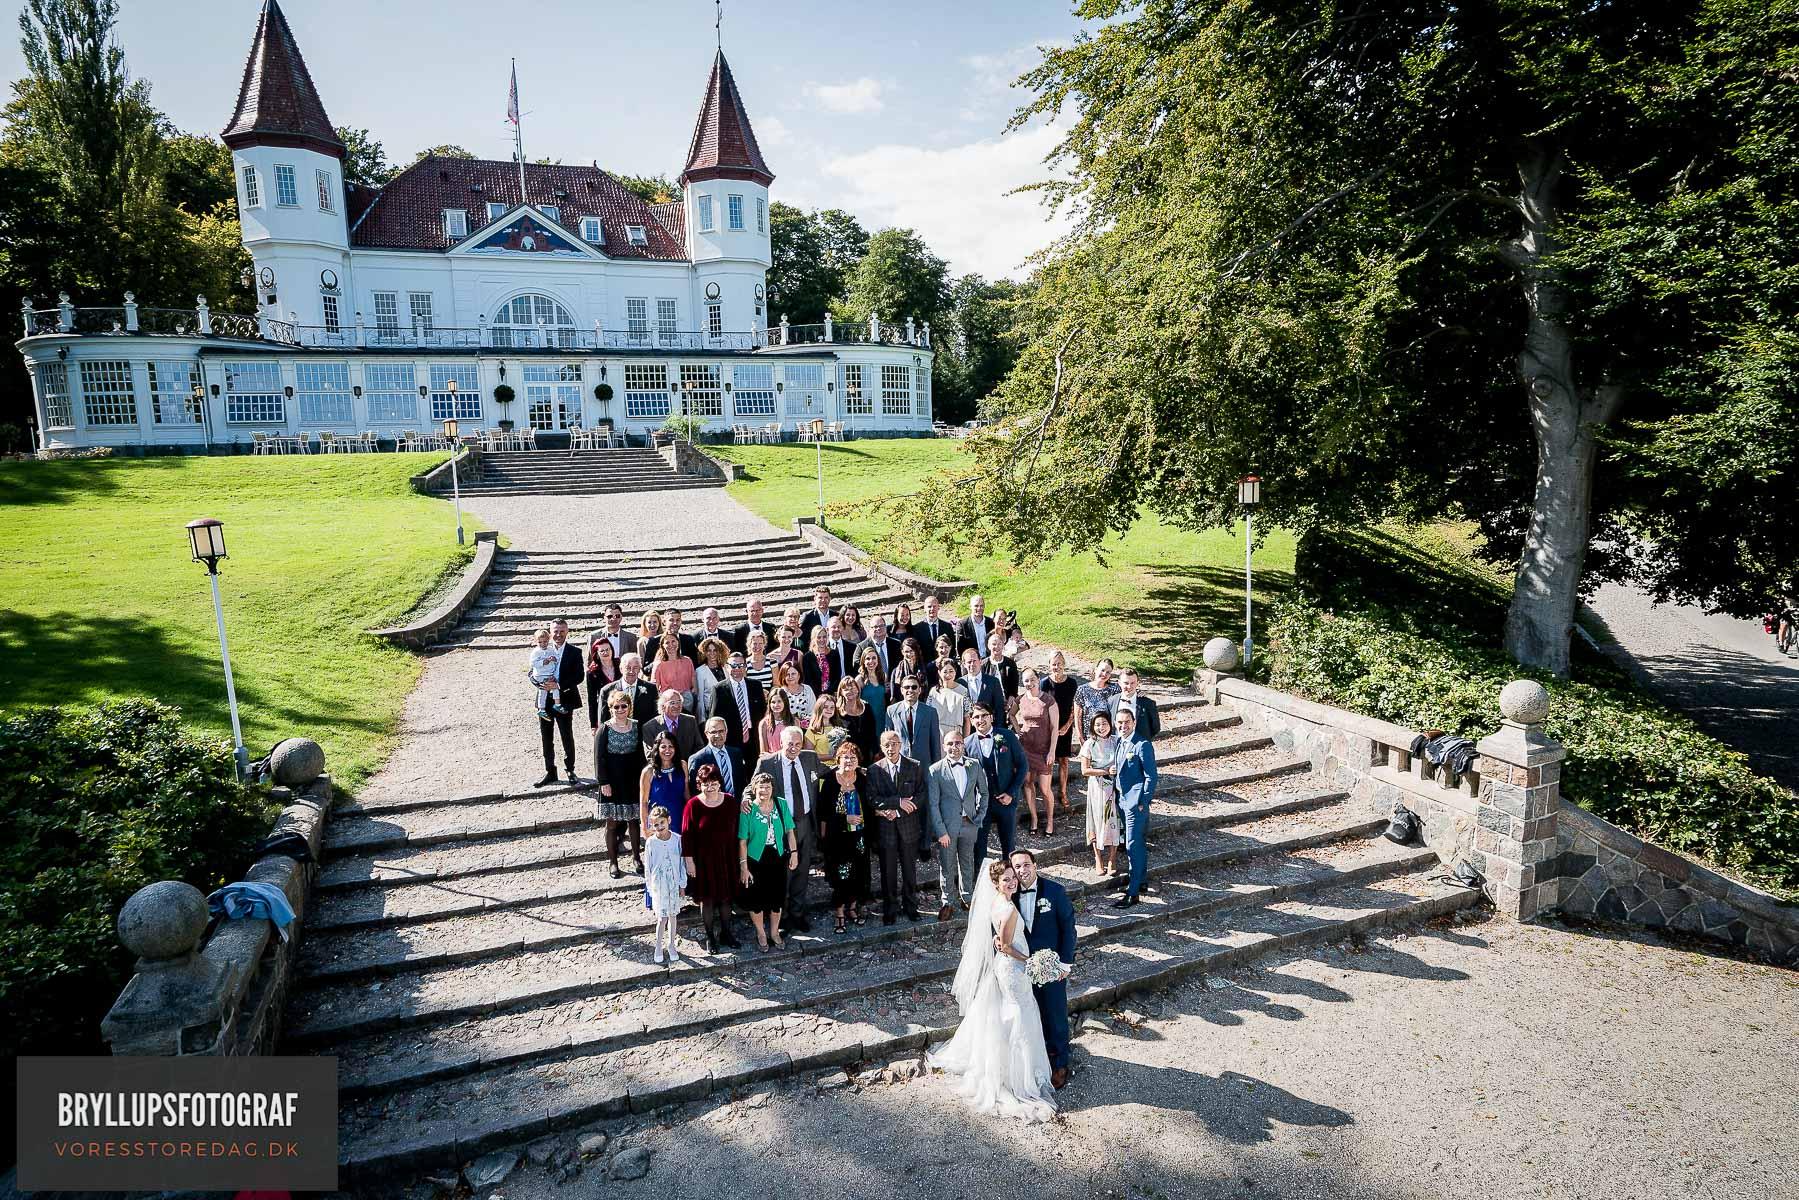 AFTENENS ALLESTEDS- NÆRVÆRENDE FOTOGRAF: JERES GÆSTER